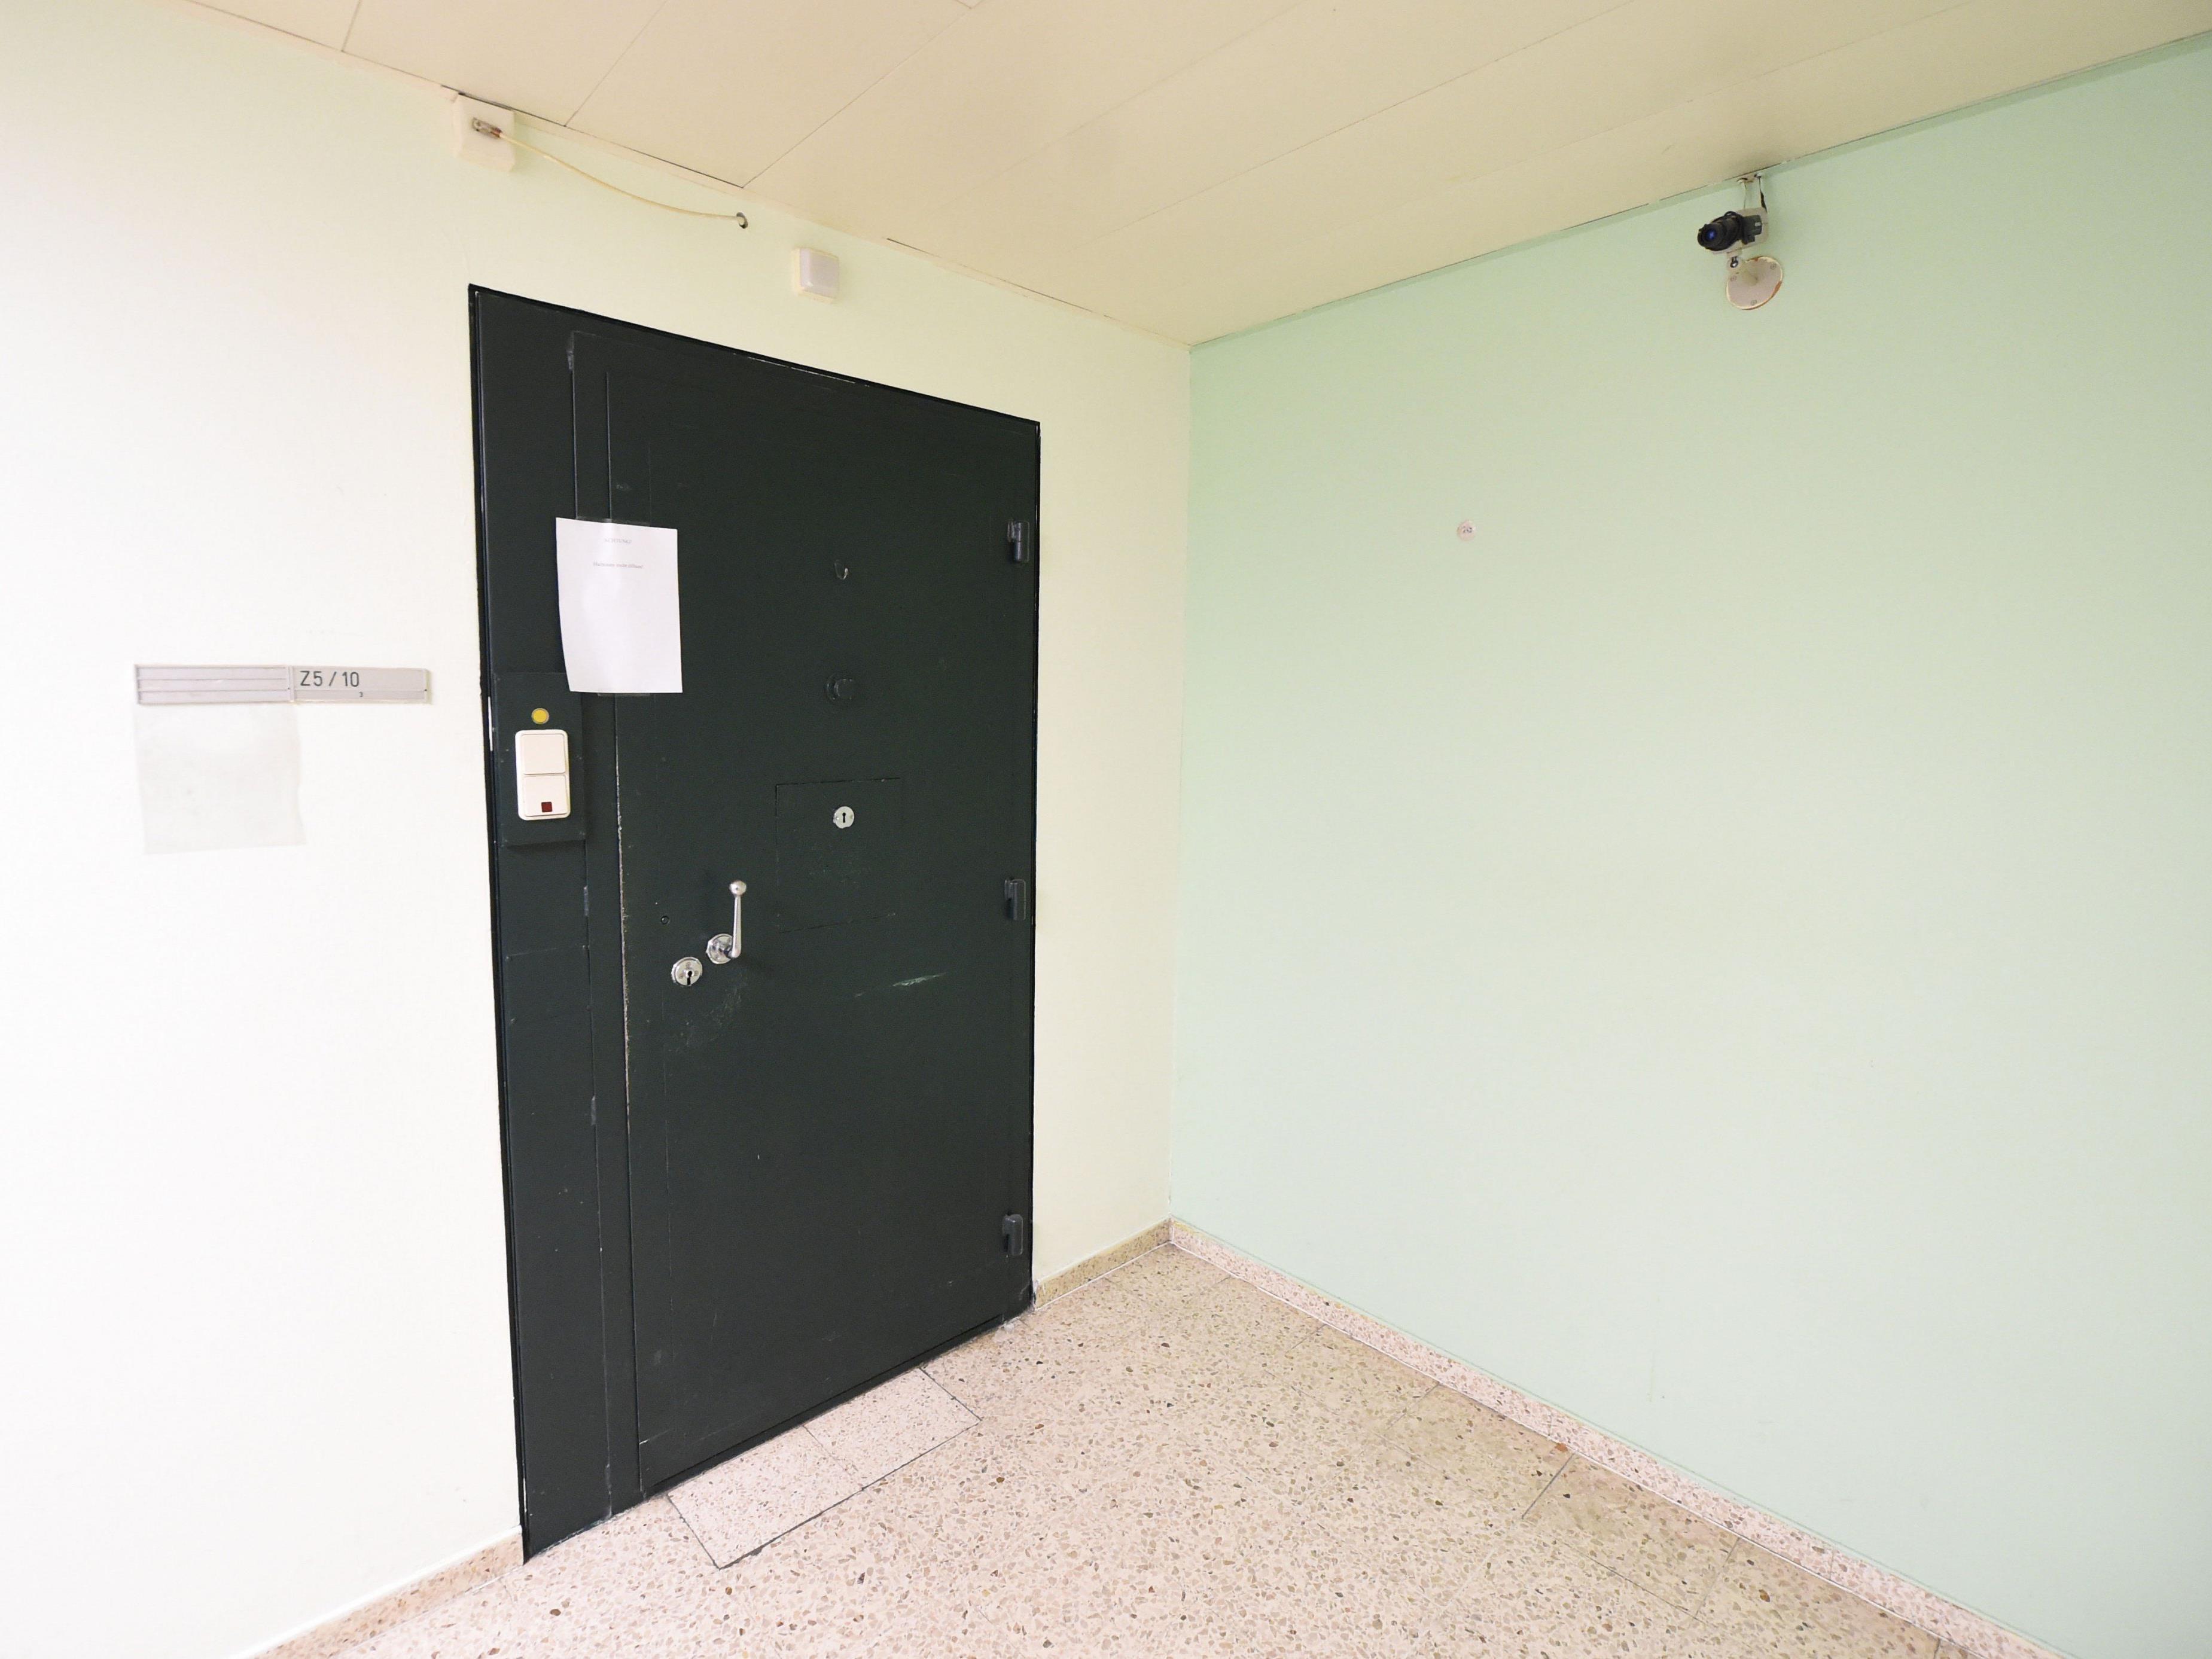 Hinter dieser Zellentür wurde Aliyev tot gefunden